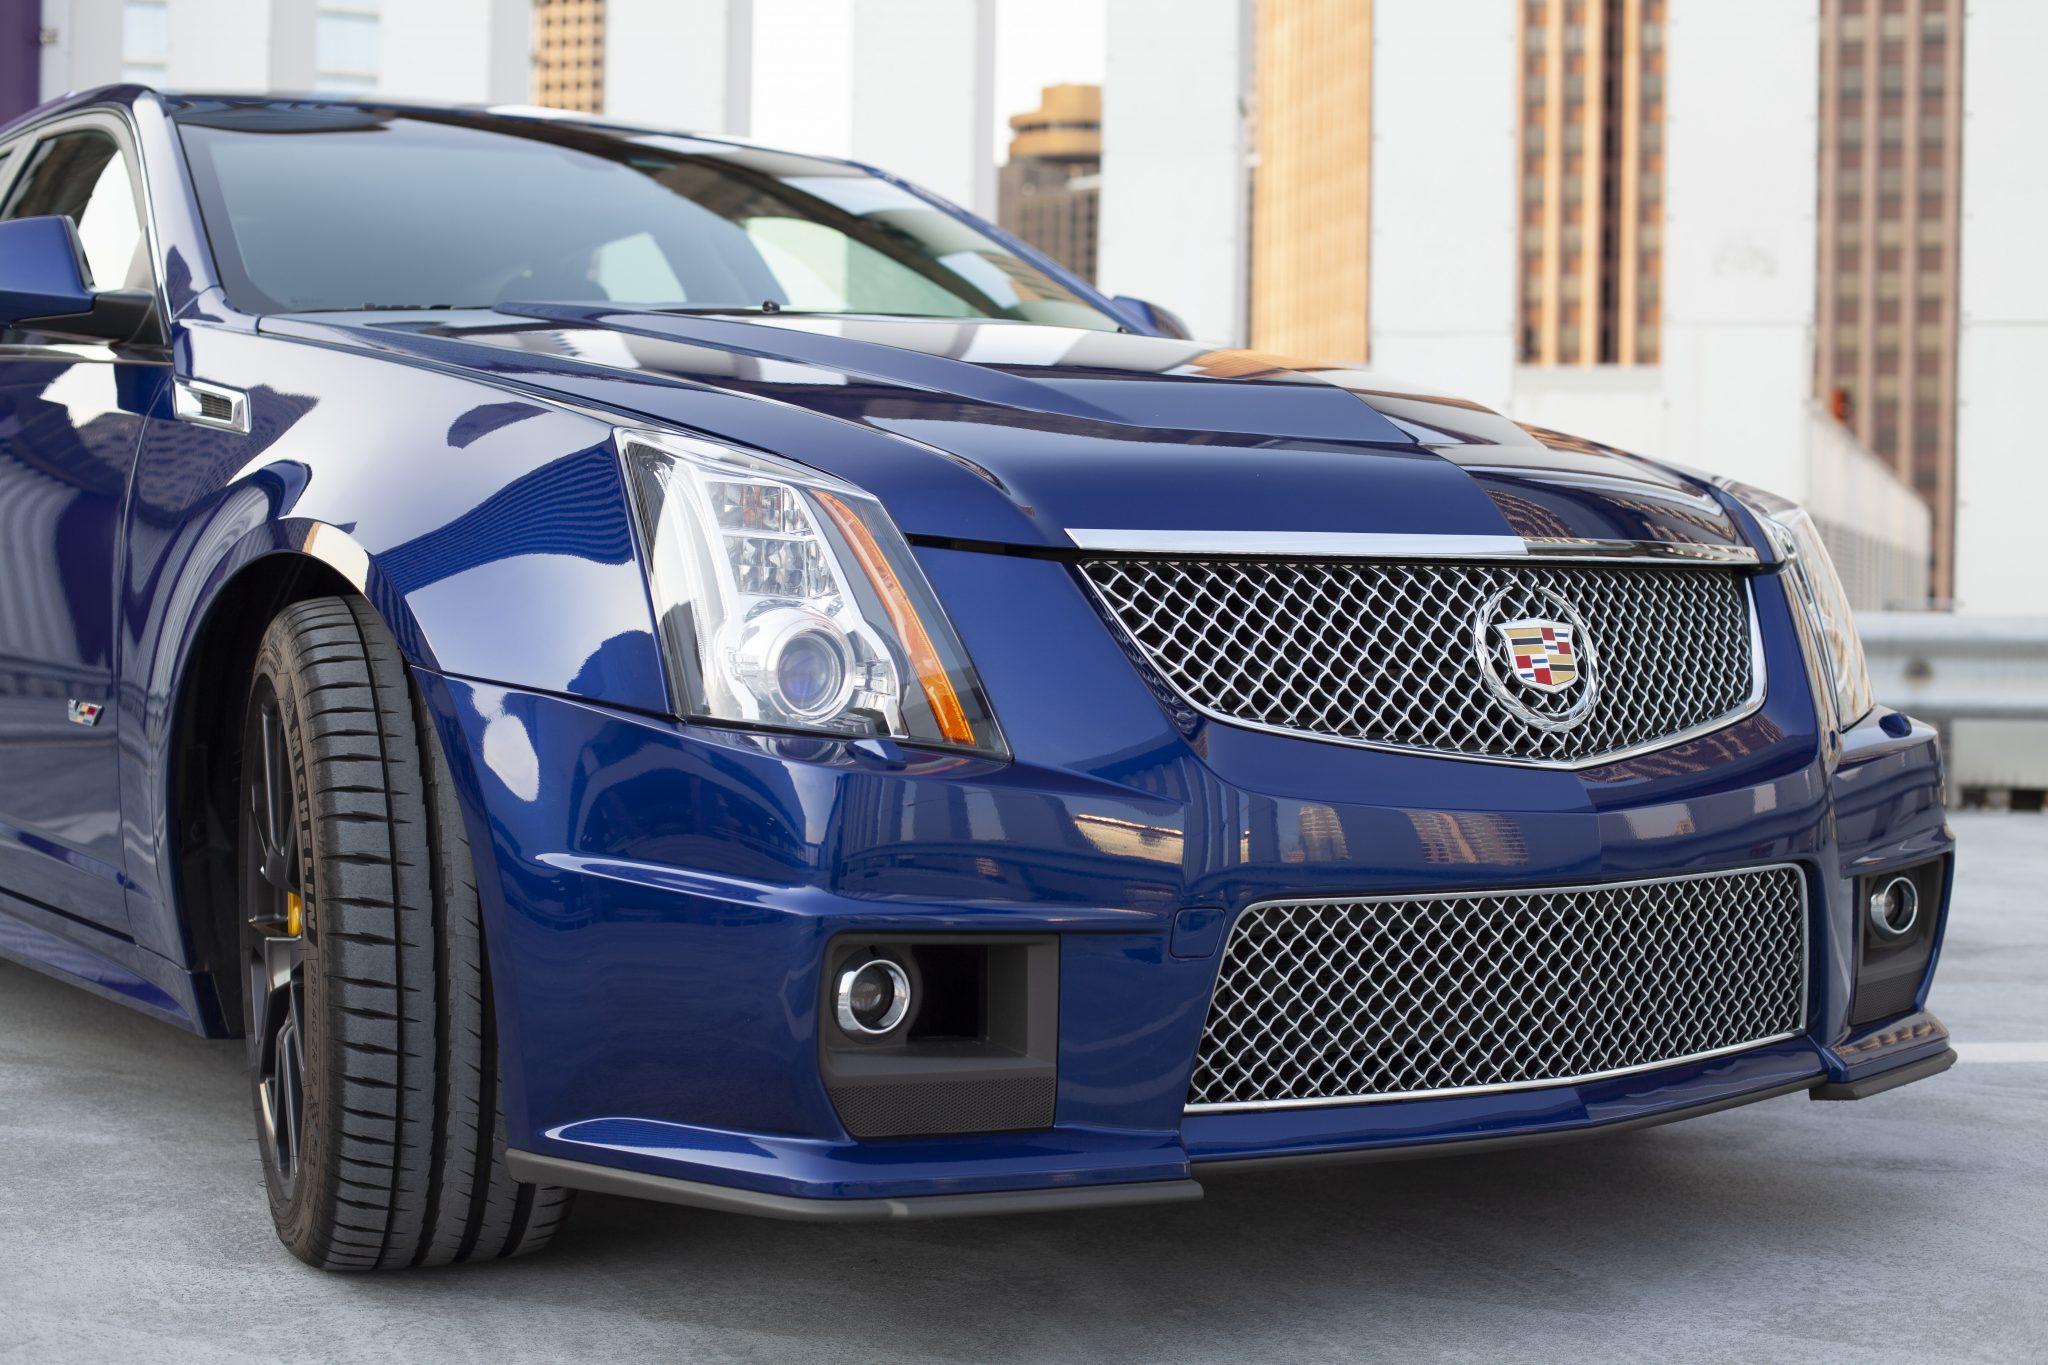 2012 Cadillac CTS-V Wagon front fascia